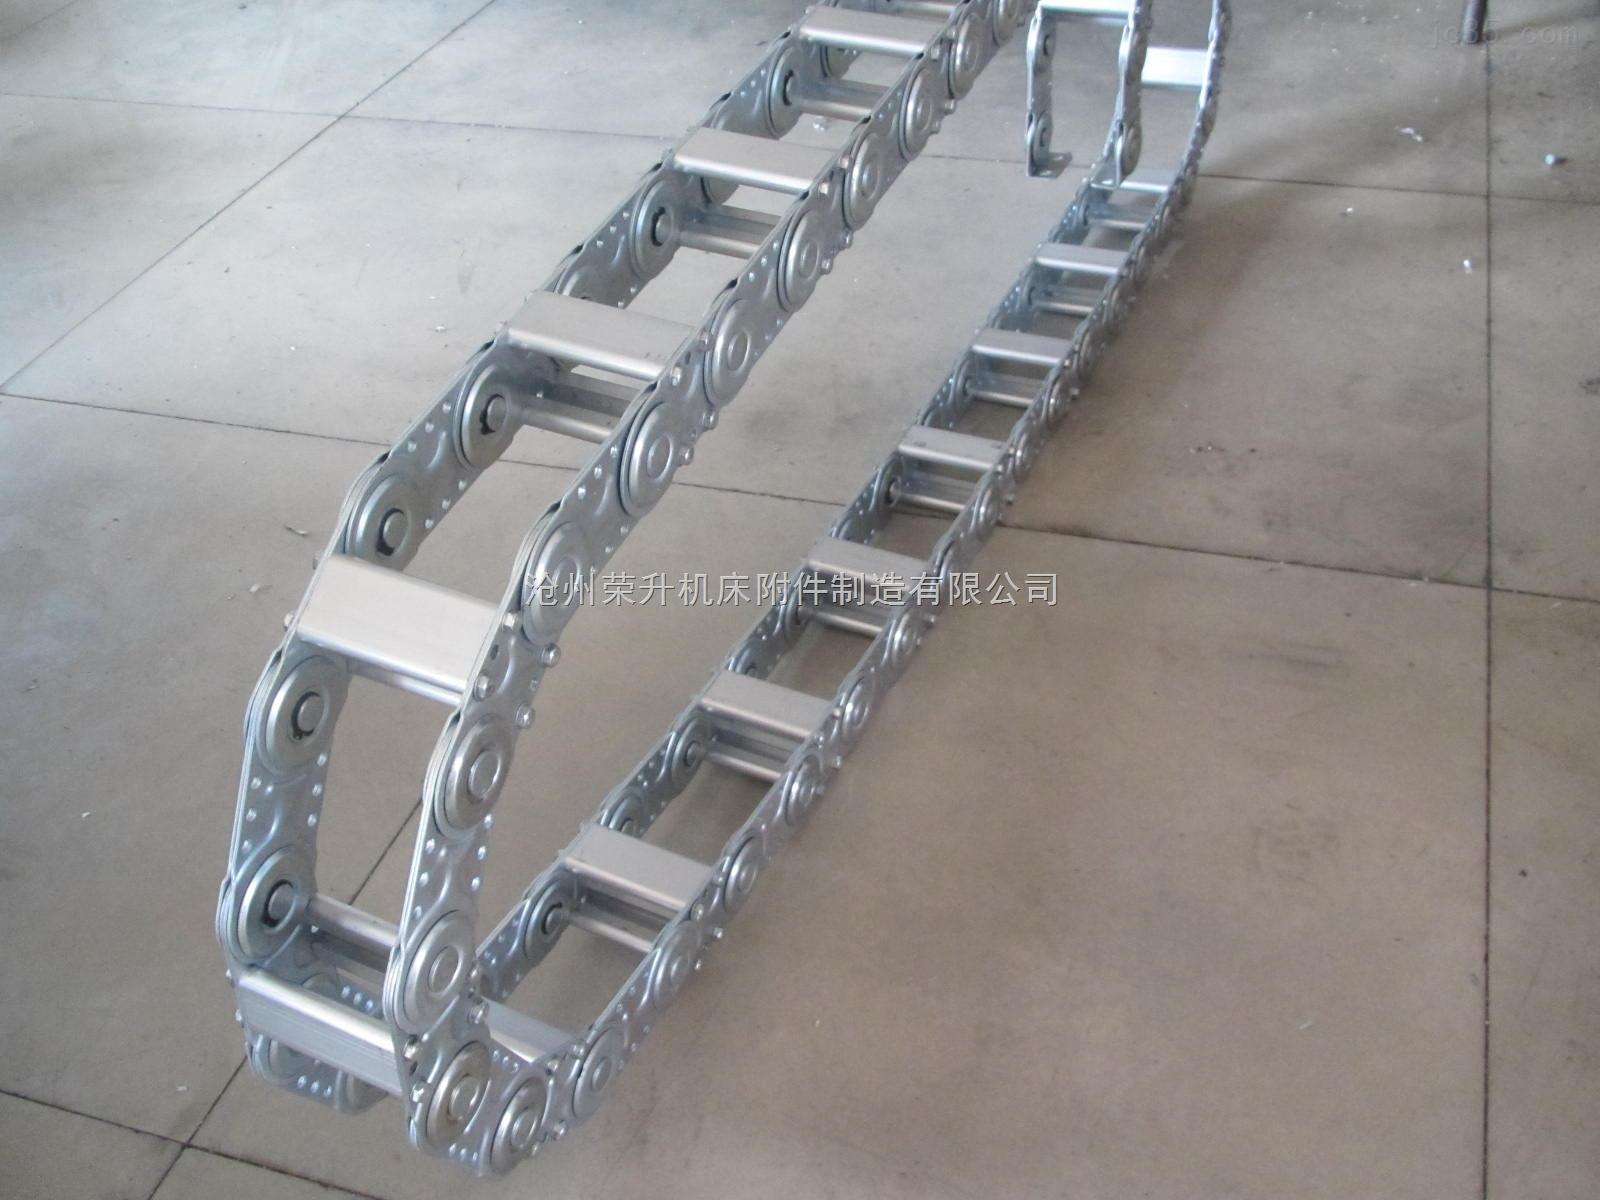 大连承重型机床金属穿线坦克链厂家